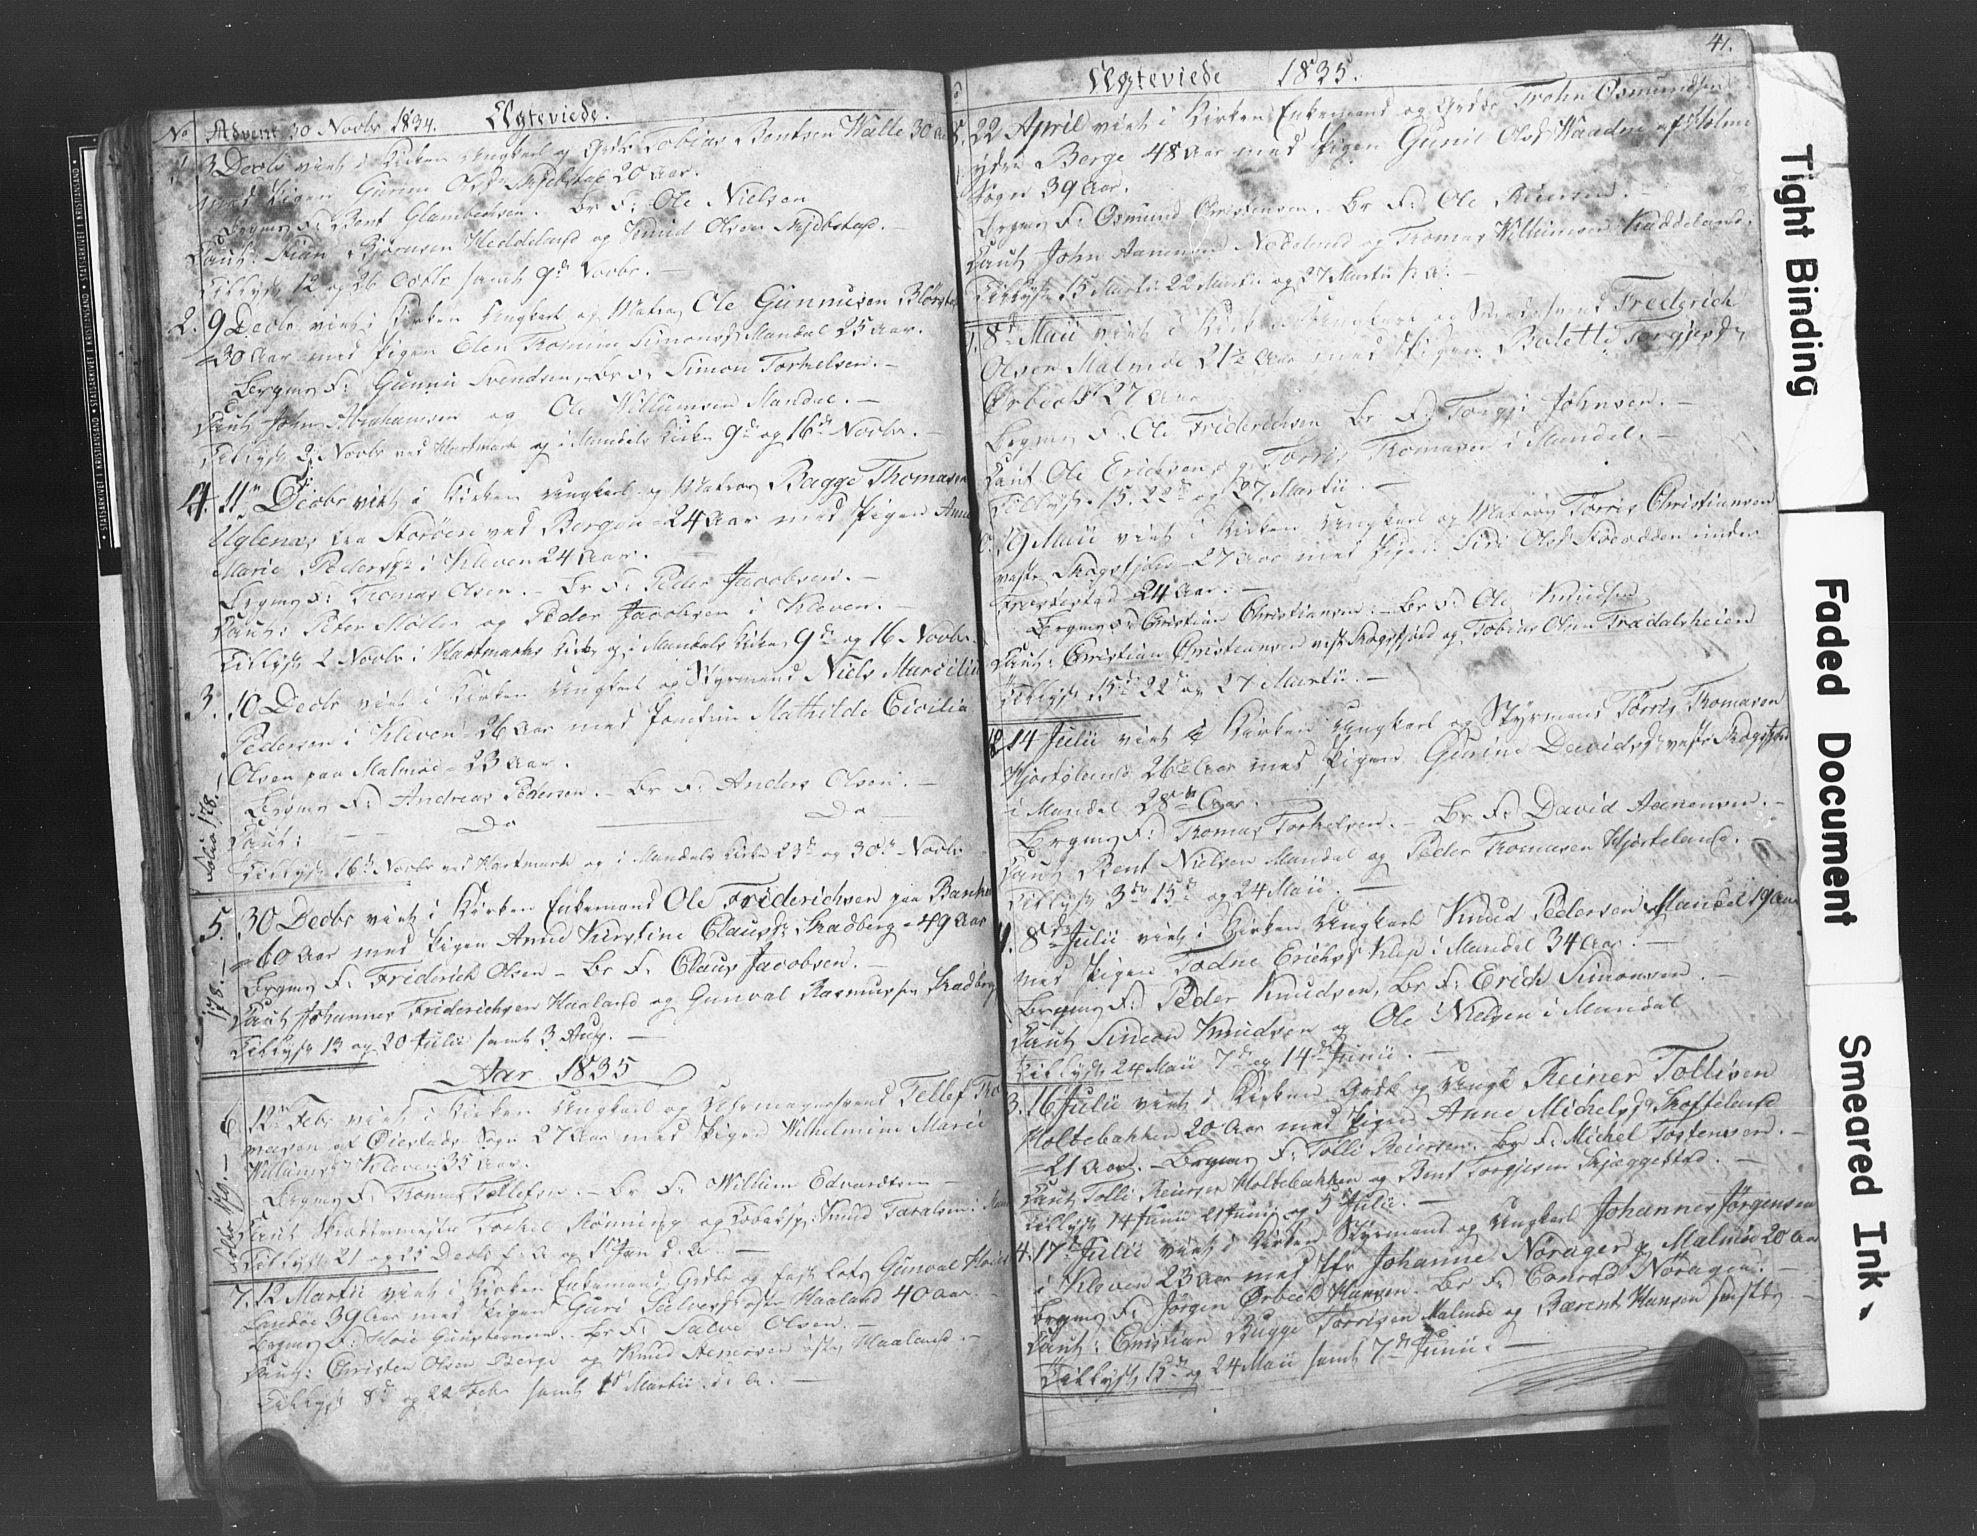 SAK, Mandal sokneprestkontor, F/Fb/Fba/L0003: Klokkerbok nr. B 1C, 1834-1838, s. 41